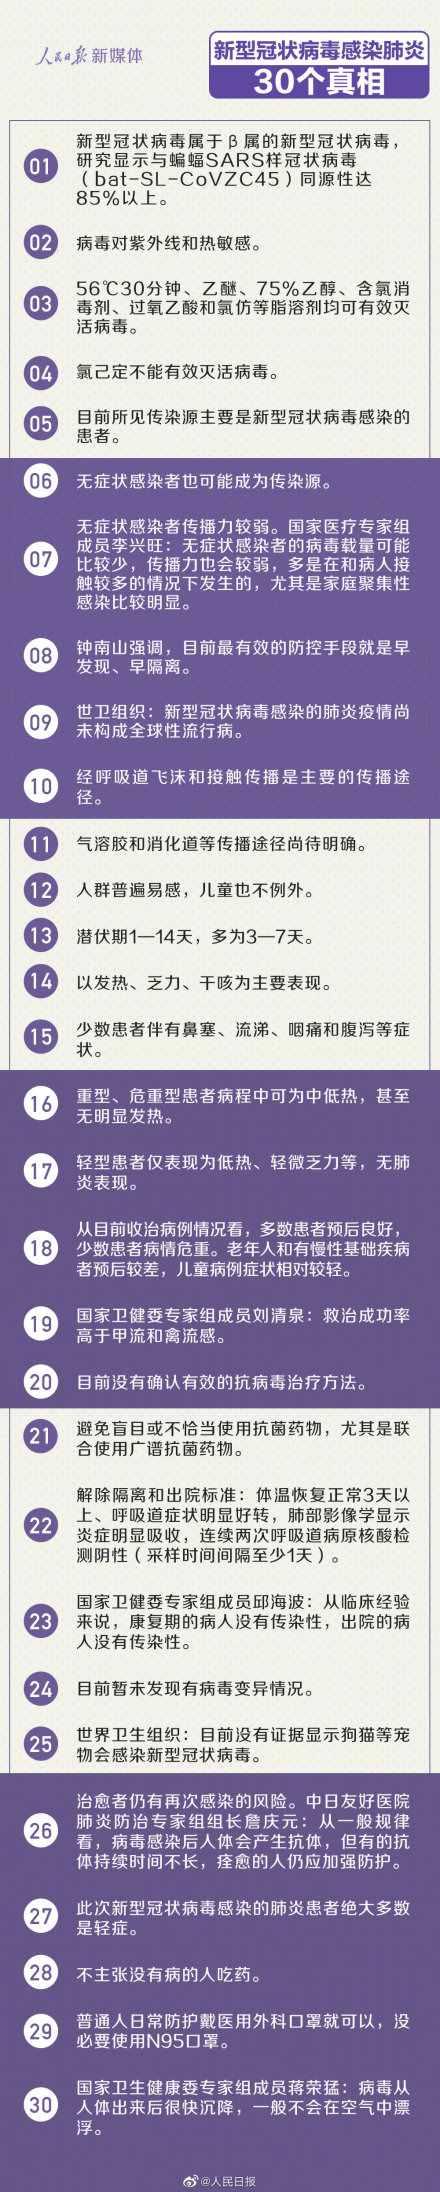 关于新冠肺炎的30个真相是什么 关于新冠肺炎的30个真相详细内